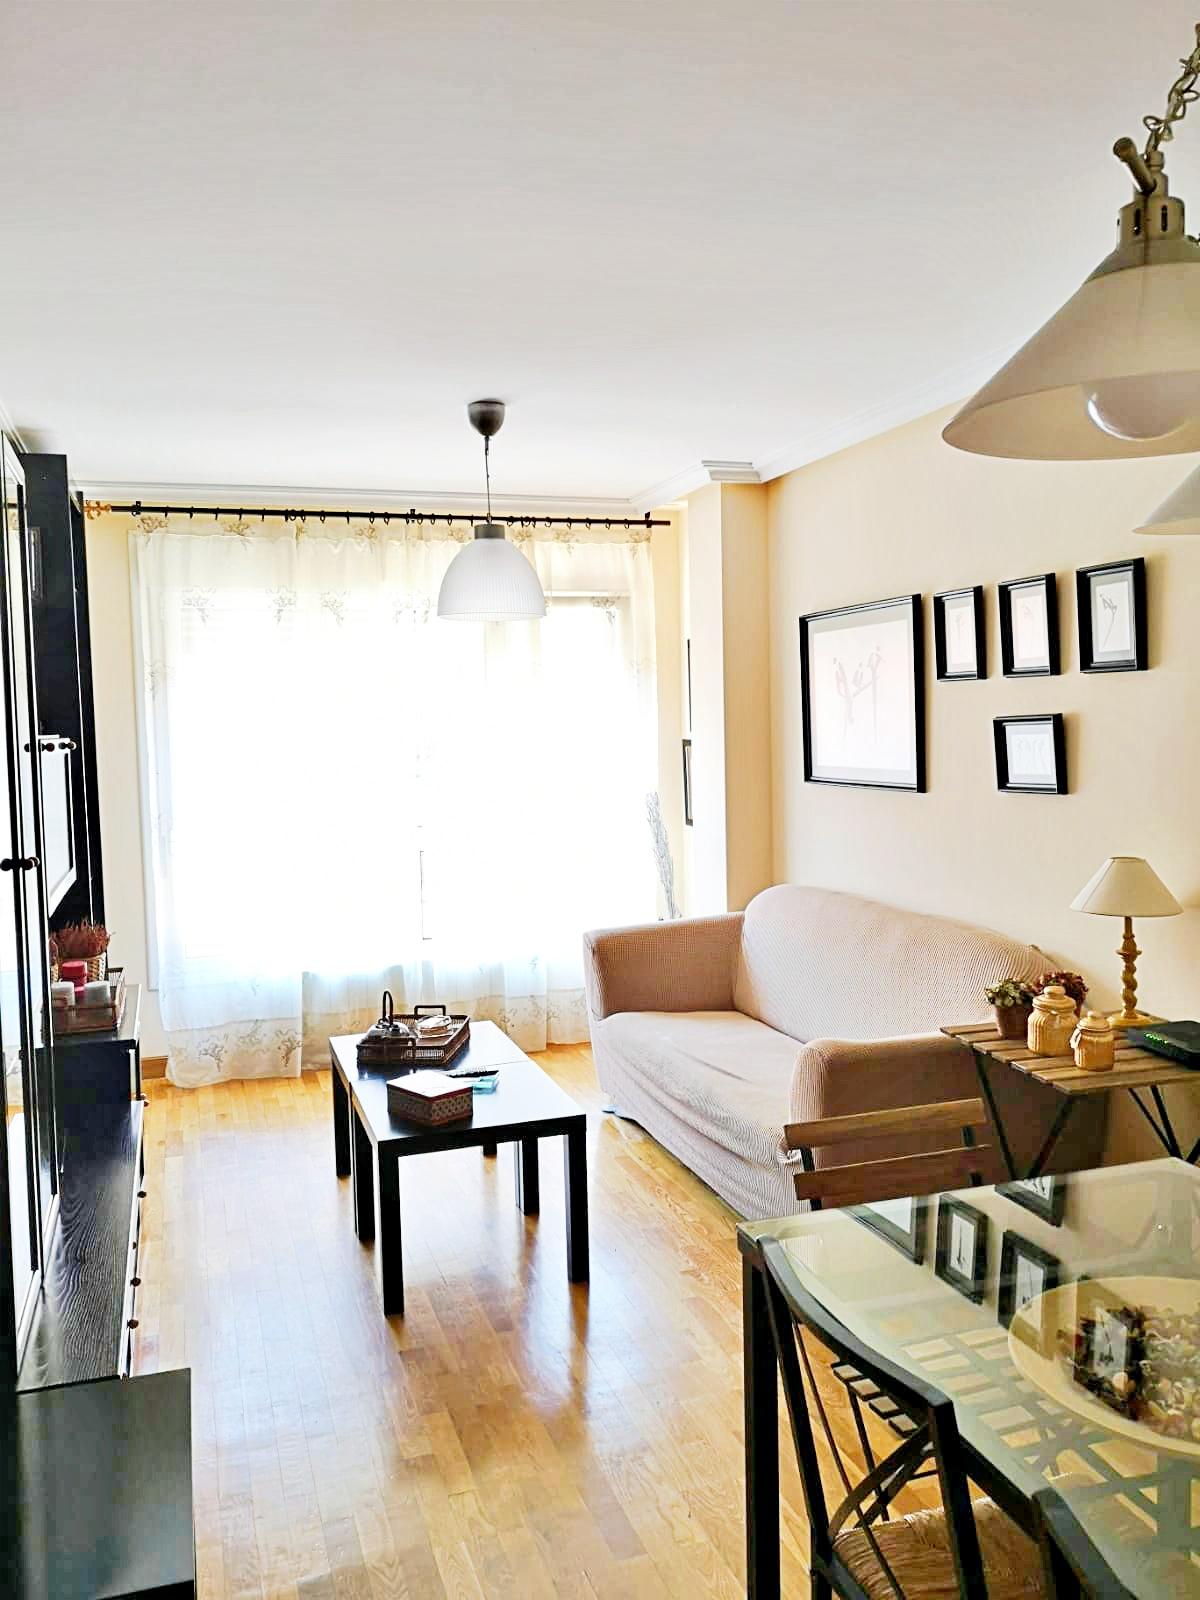 Alquiler de piso amueblado y con terraza en la bonita Zona del Ciudad Naranco. Oviedo.